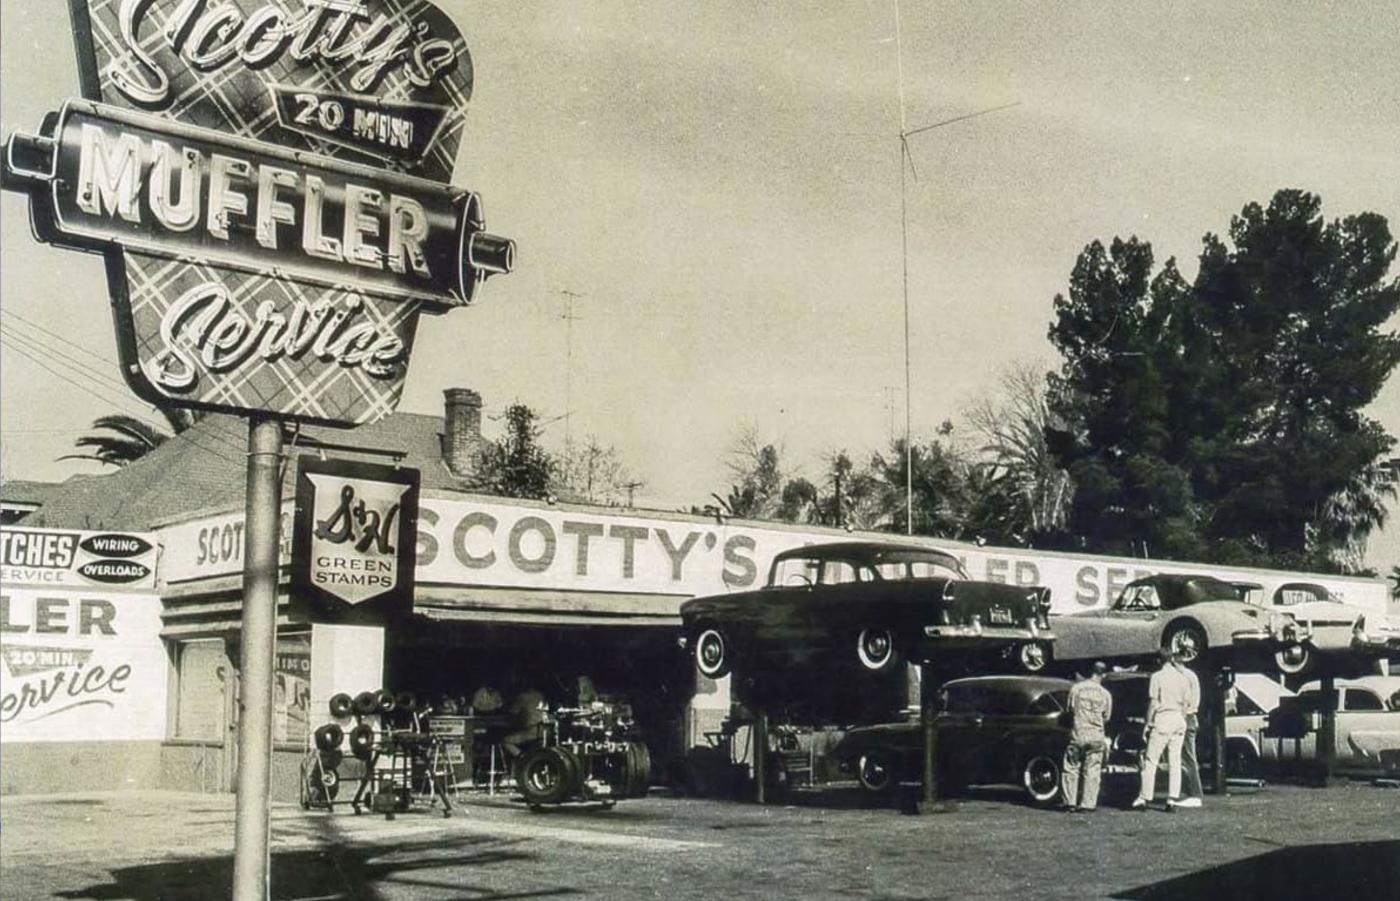 Scotty's Muffler Court St.jpg